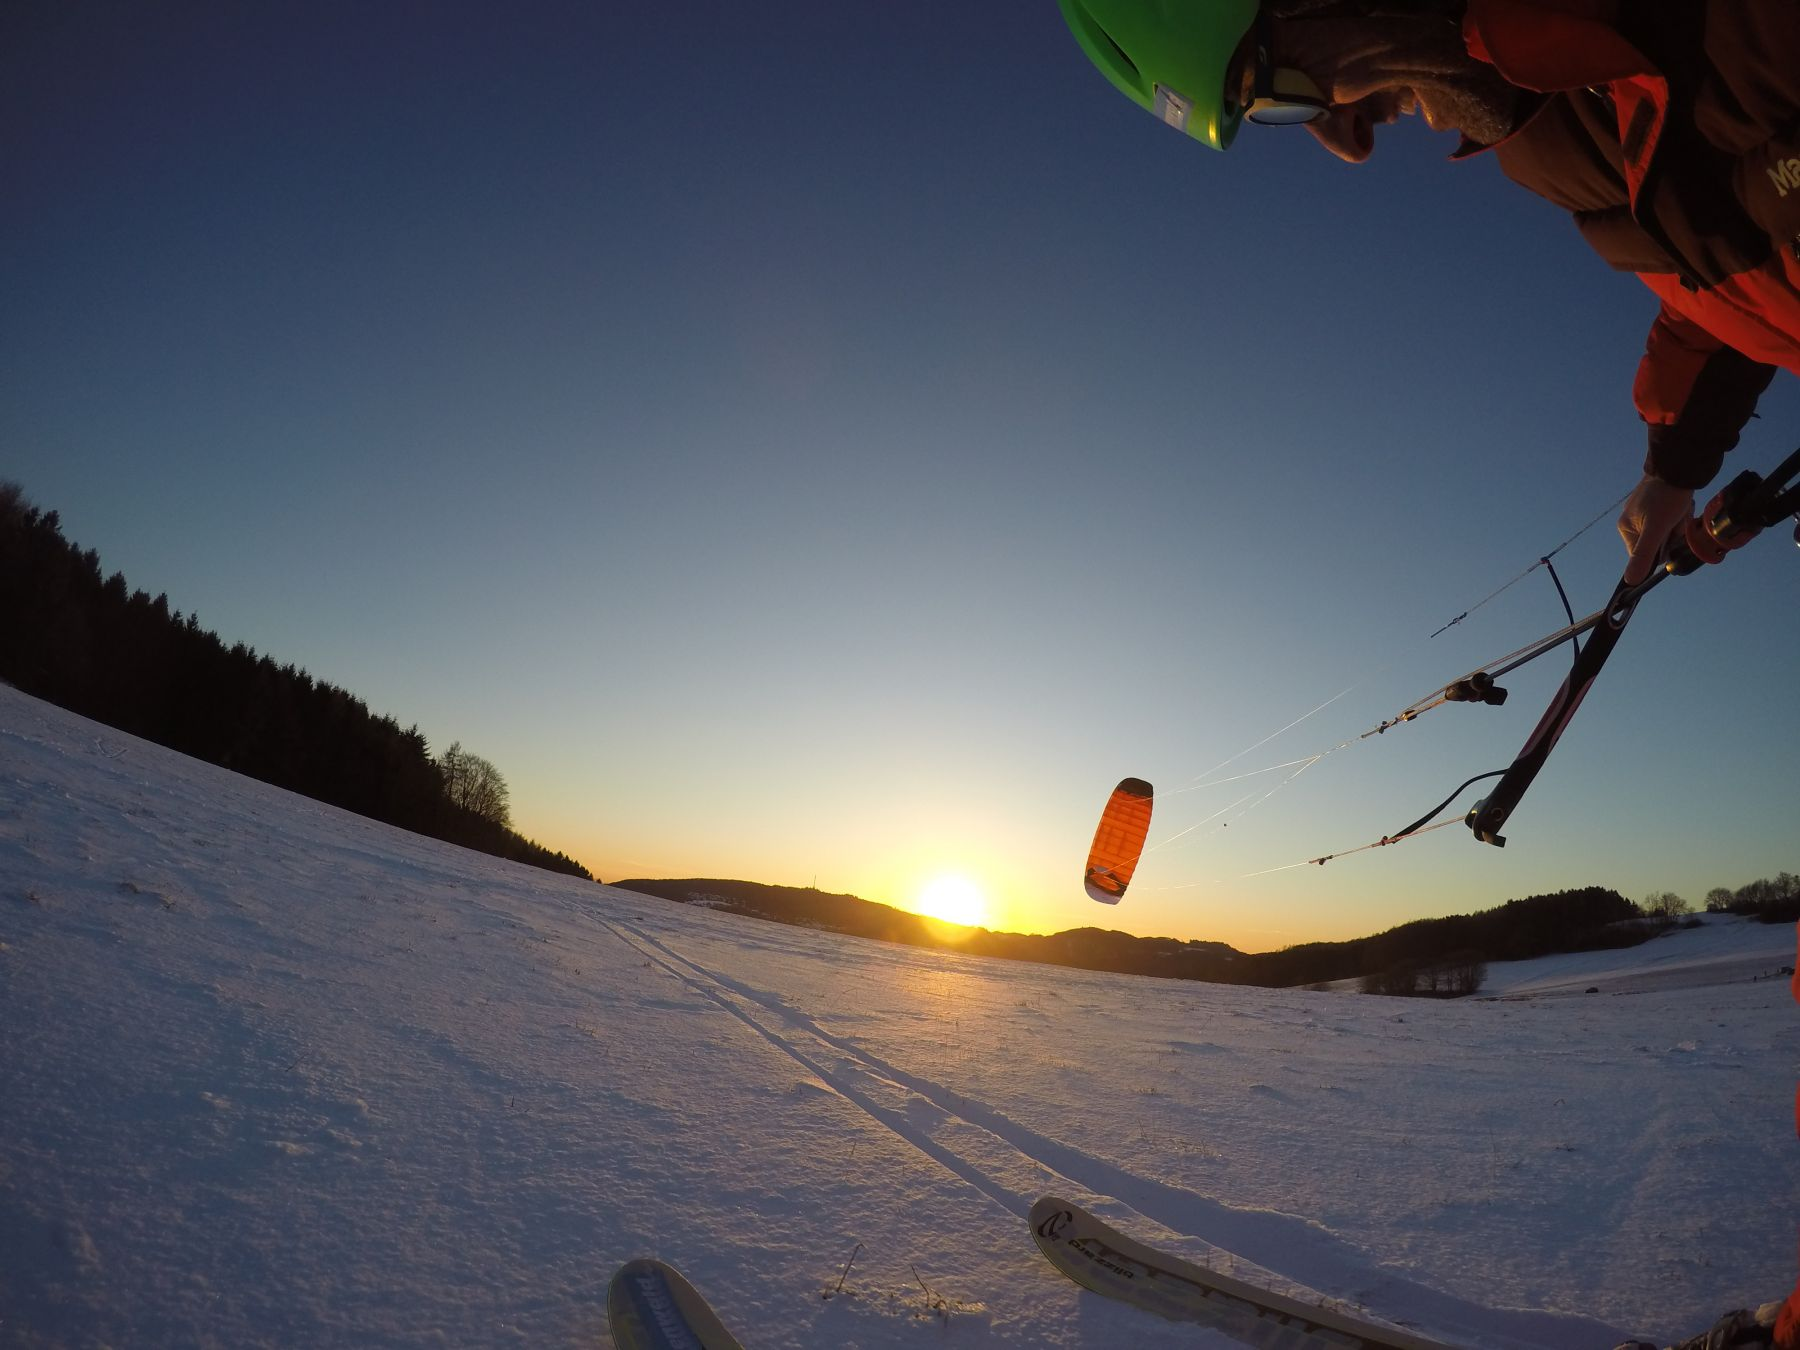 Snowkite_Odenwald_Sundown_Ozonekites_subzerov1